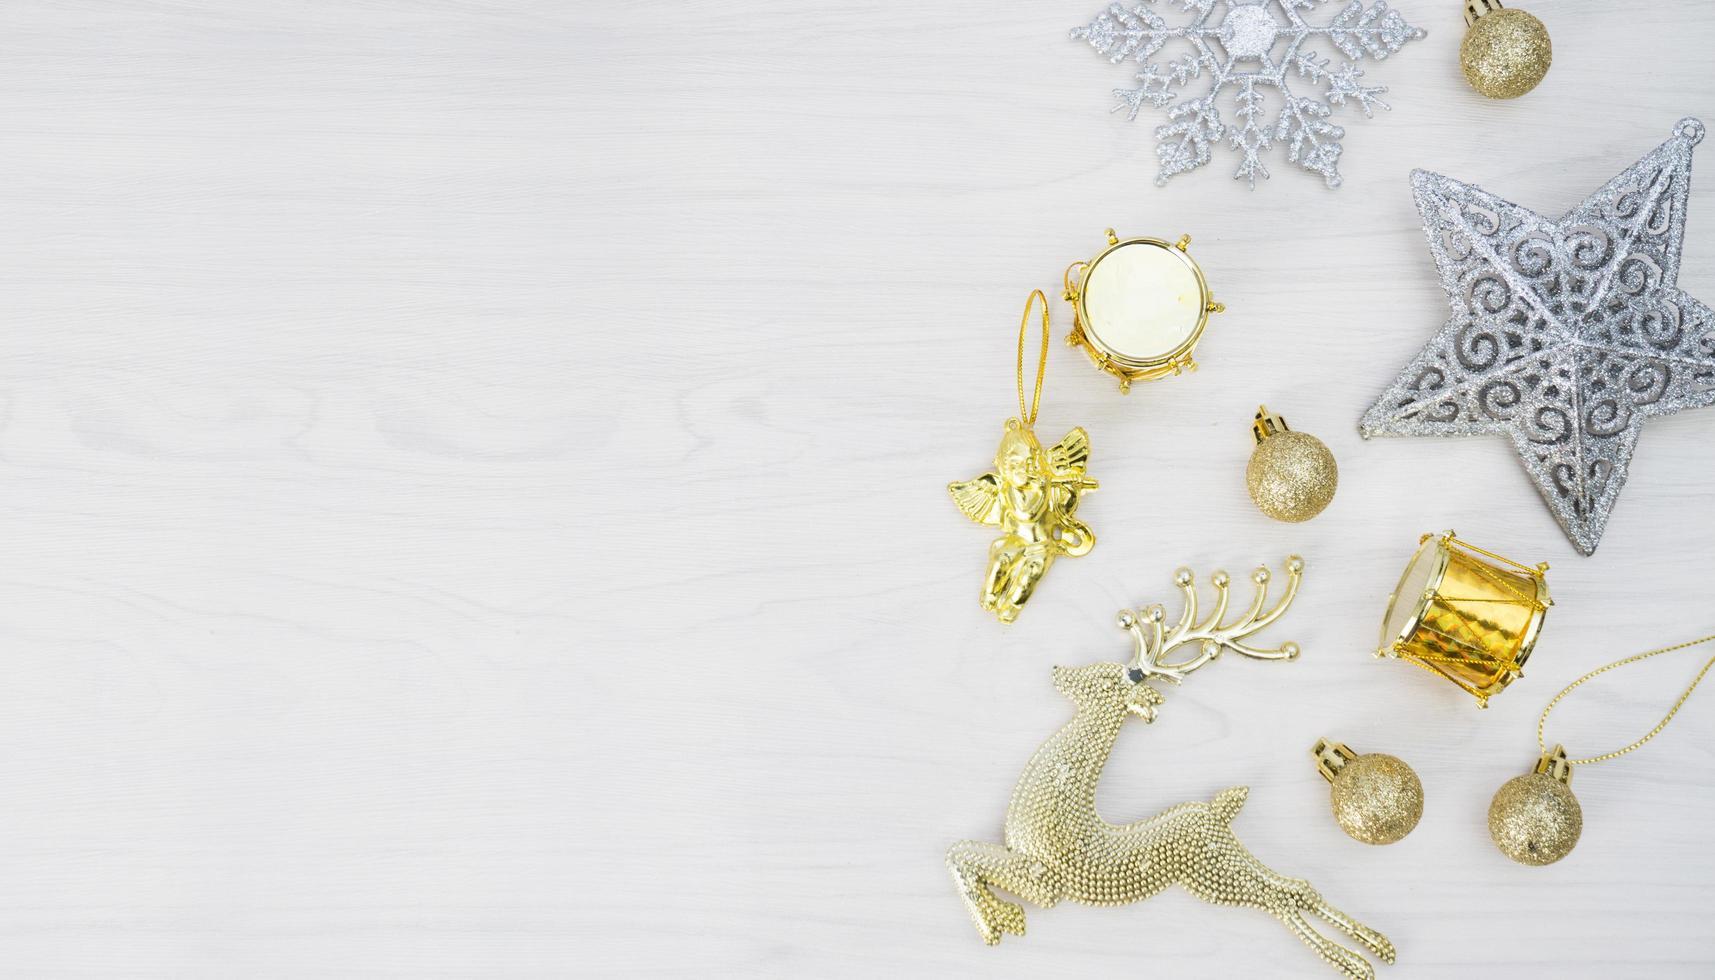 Weihnachtsschmuck auf weißem hölzernem Hintergrund foto